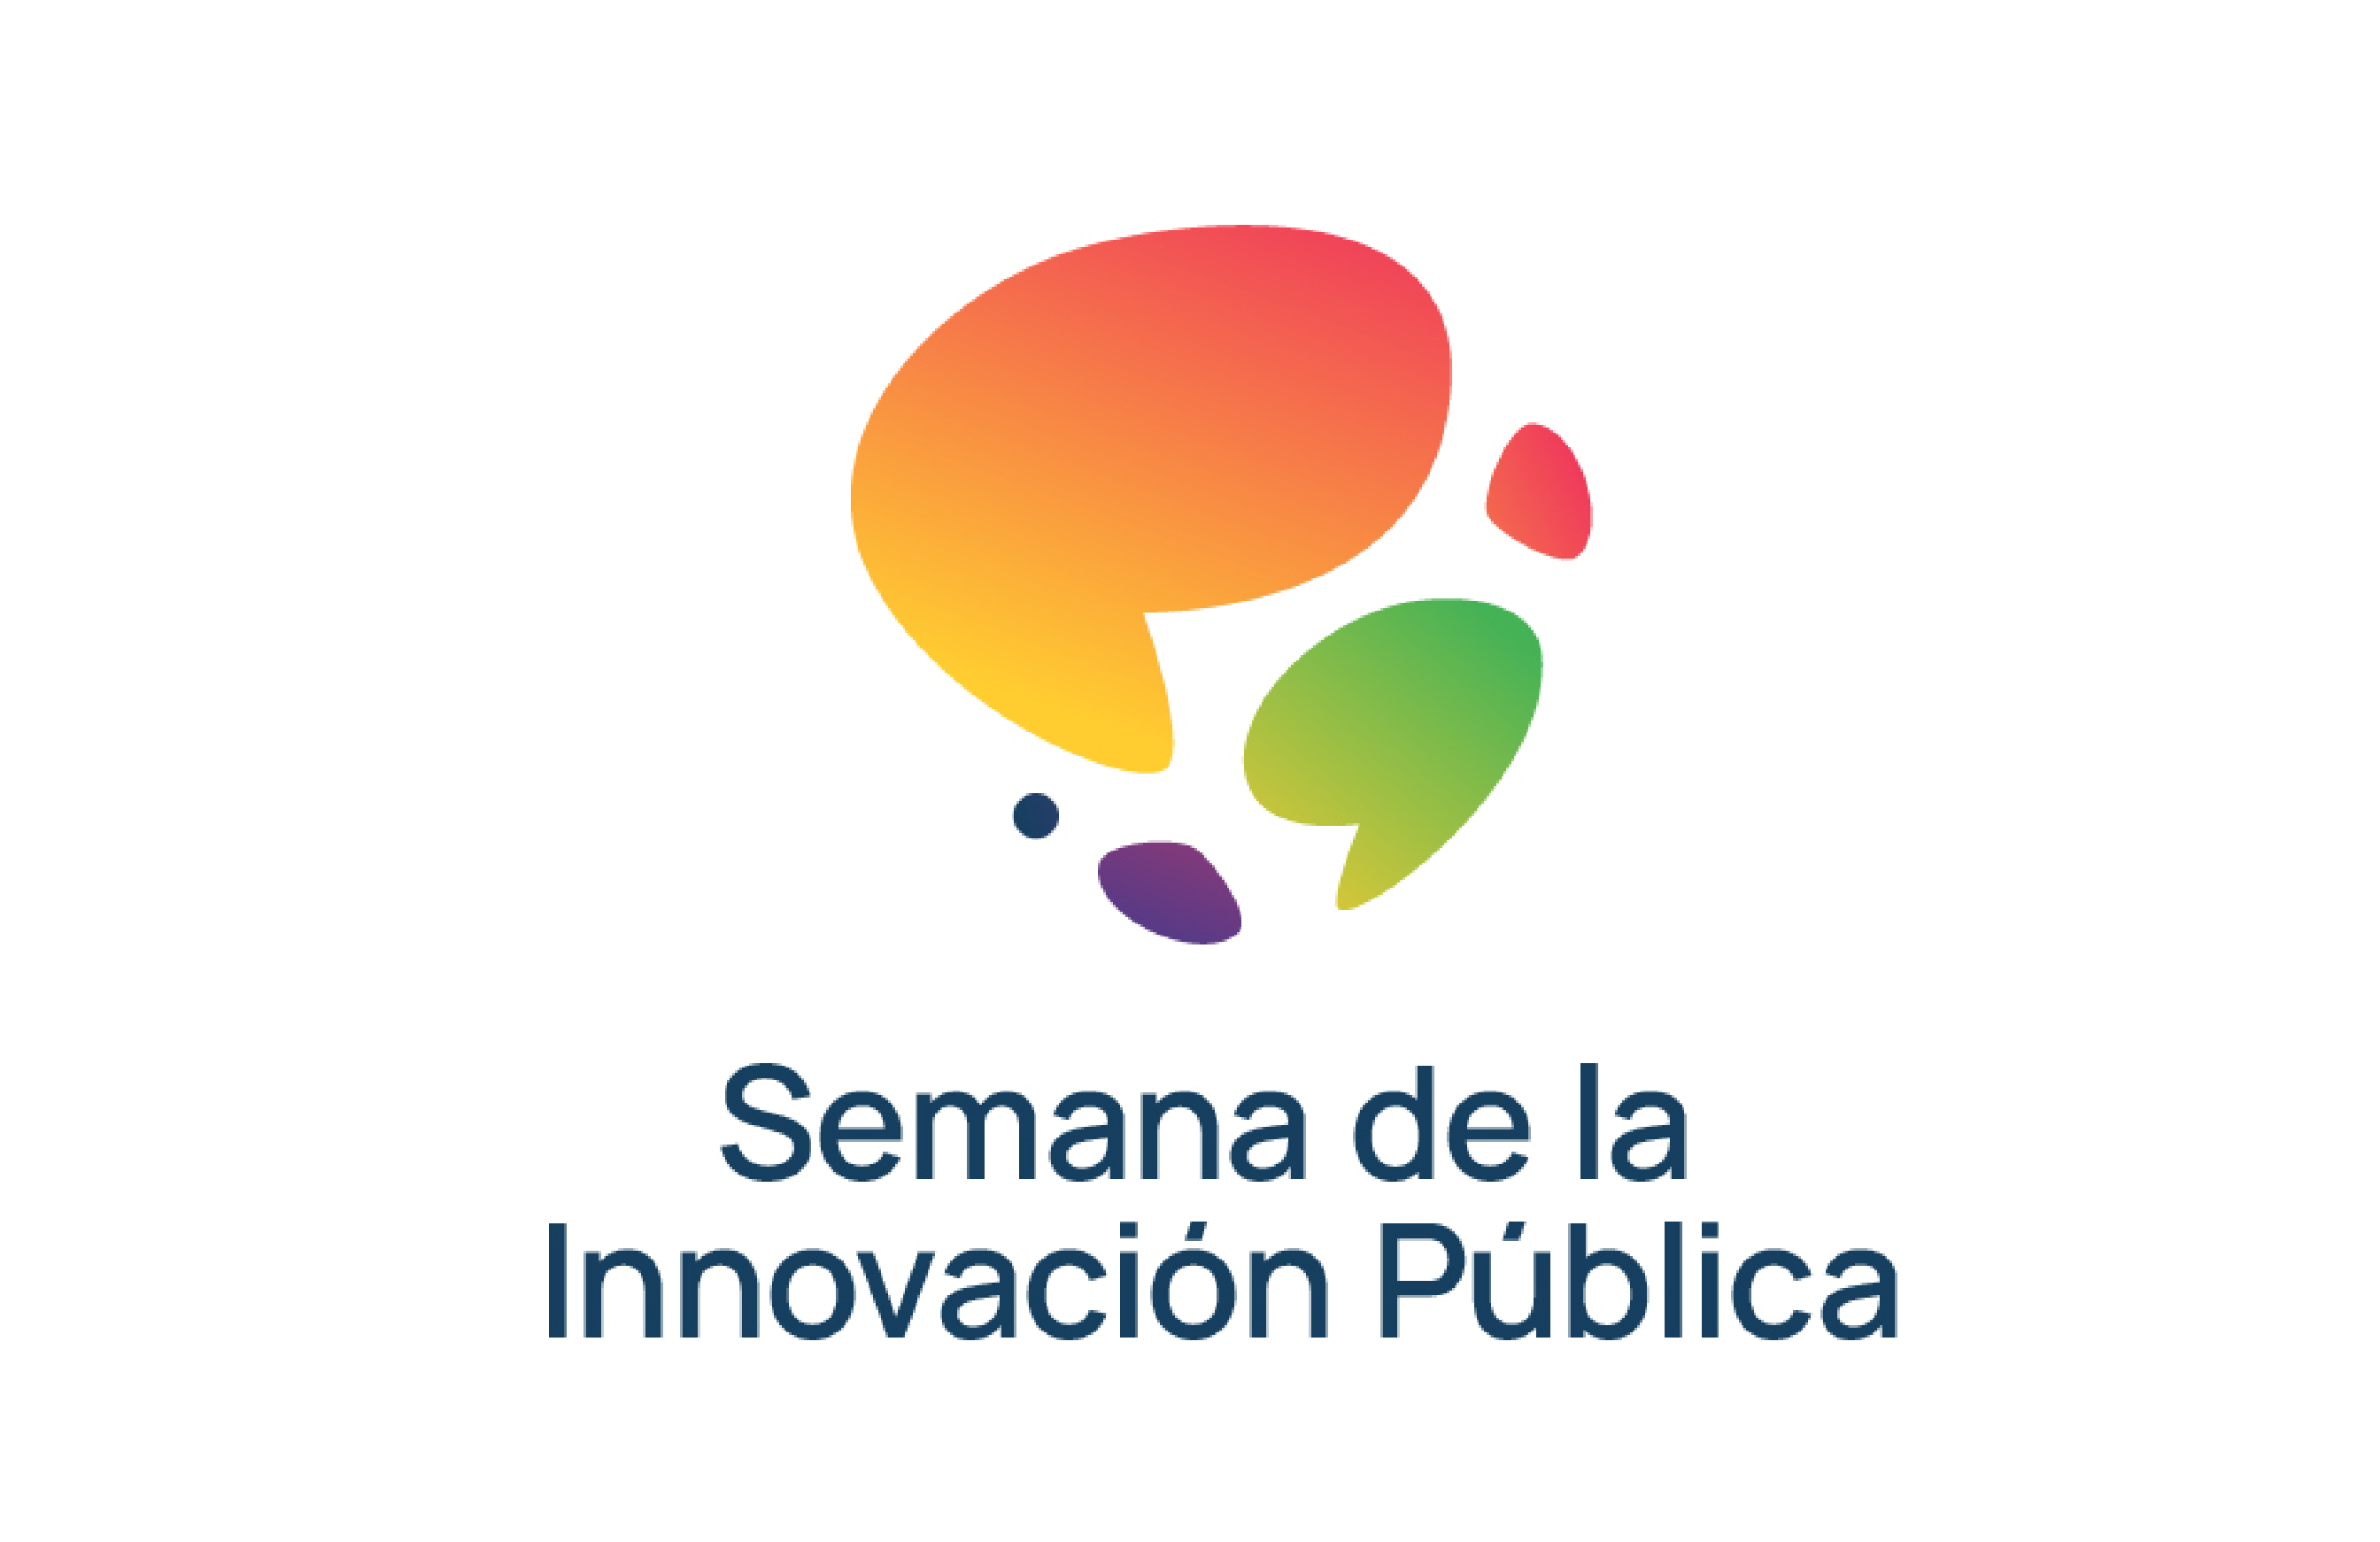 Innovación Pública